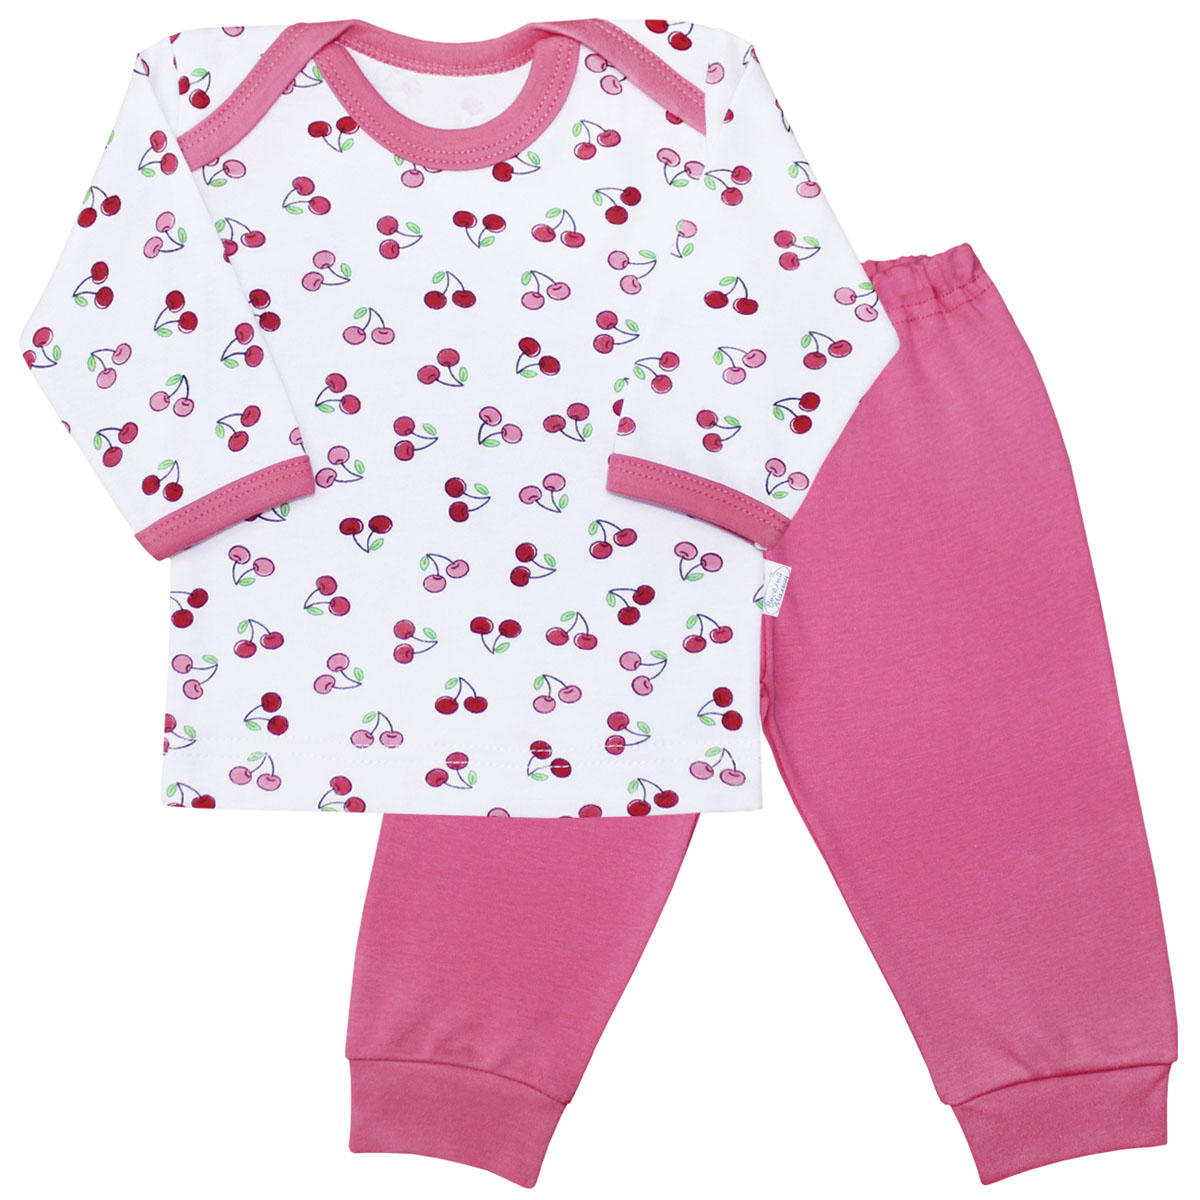 Пижама для девочки Веселый малыш Спелая вишня, цвет: розовый. 623332/св-E (1). Размер 80623332Пижама для девочки Веселый малыш выполнена из качественного материала и состоит из лонгслива и брюк. Лонгслив с длинными рукавами и круглым вырезом горловины. Брюки понизу дополнены манжетами.